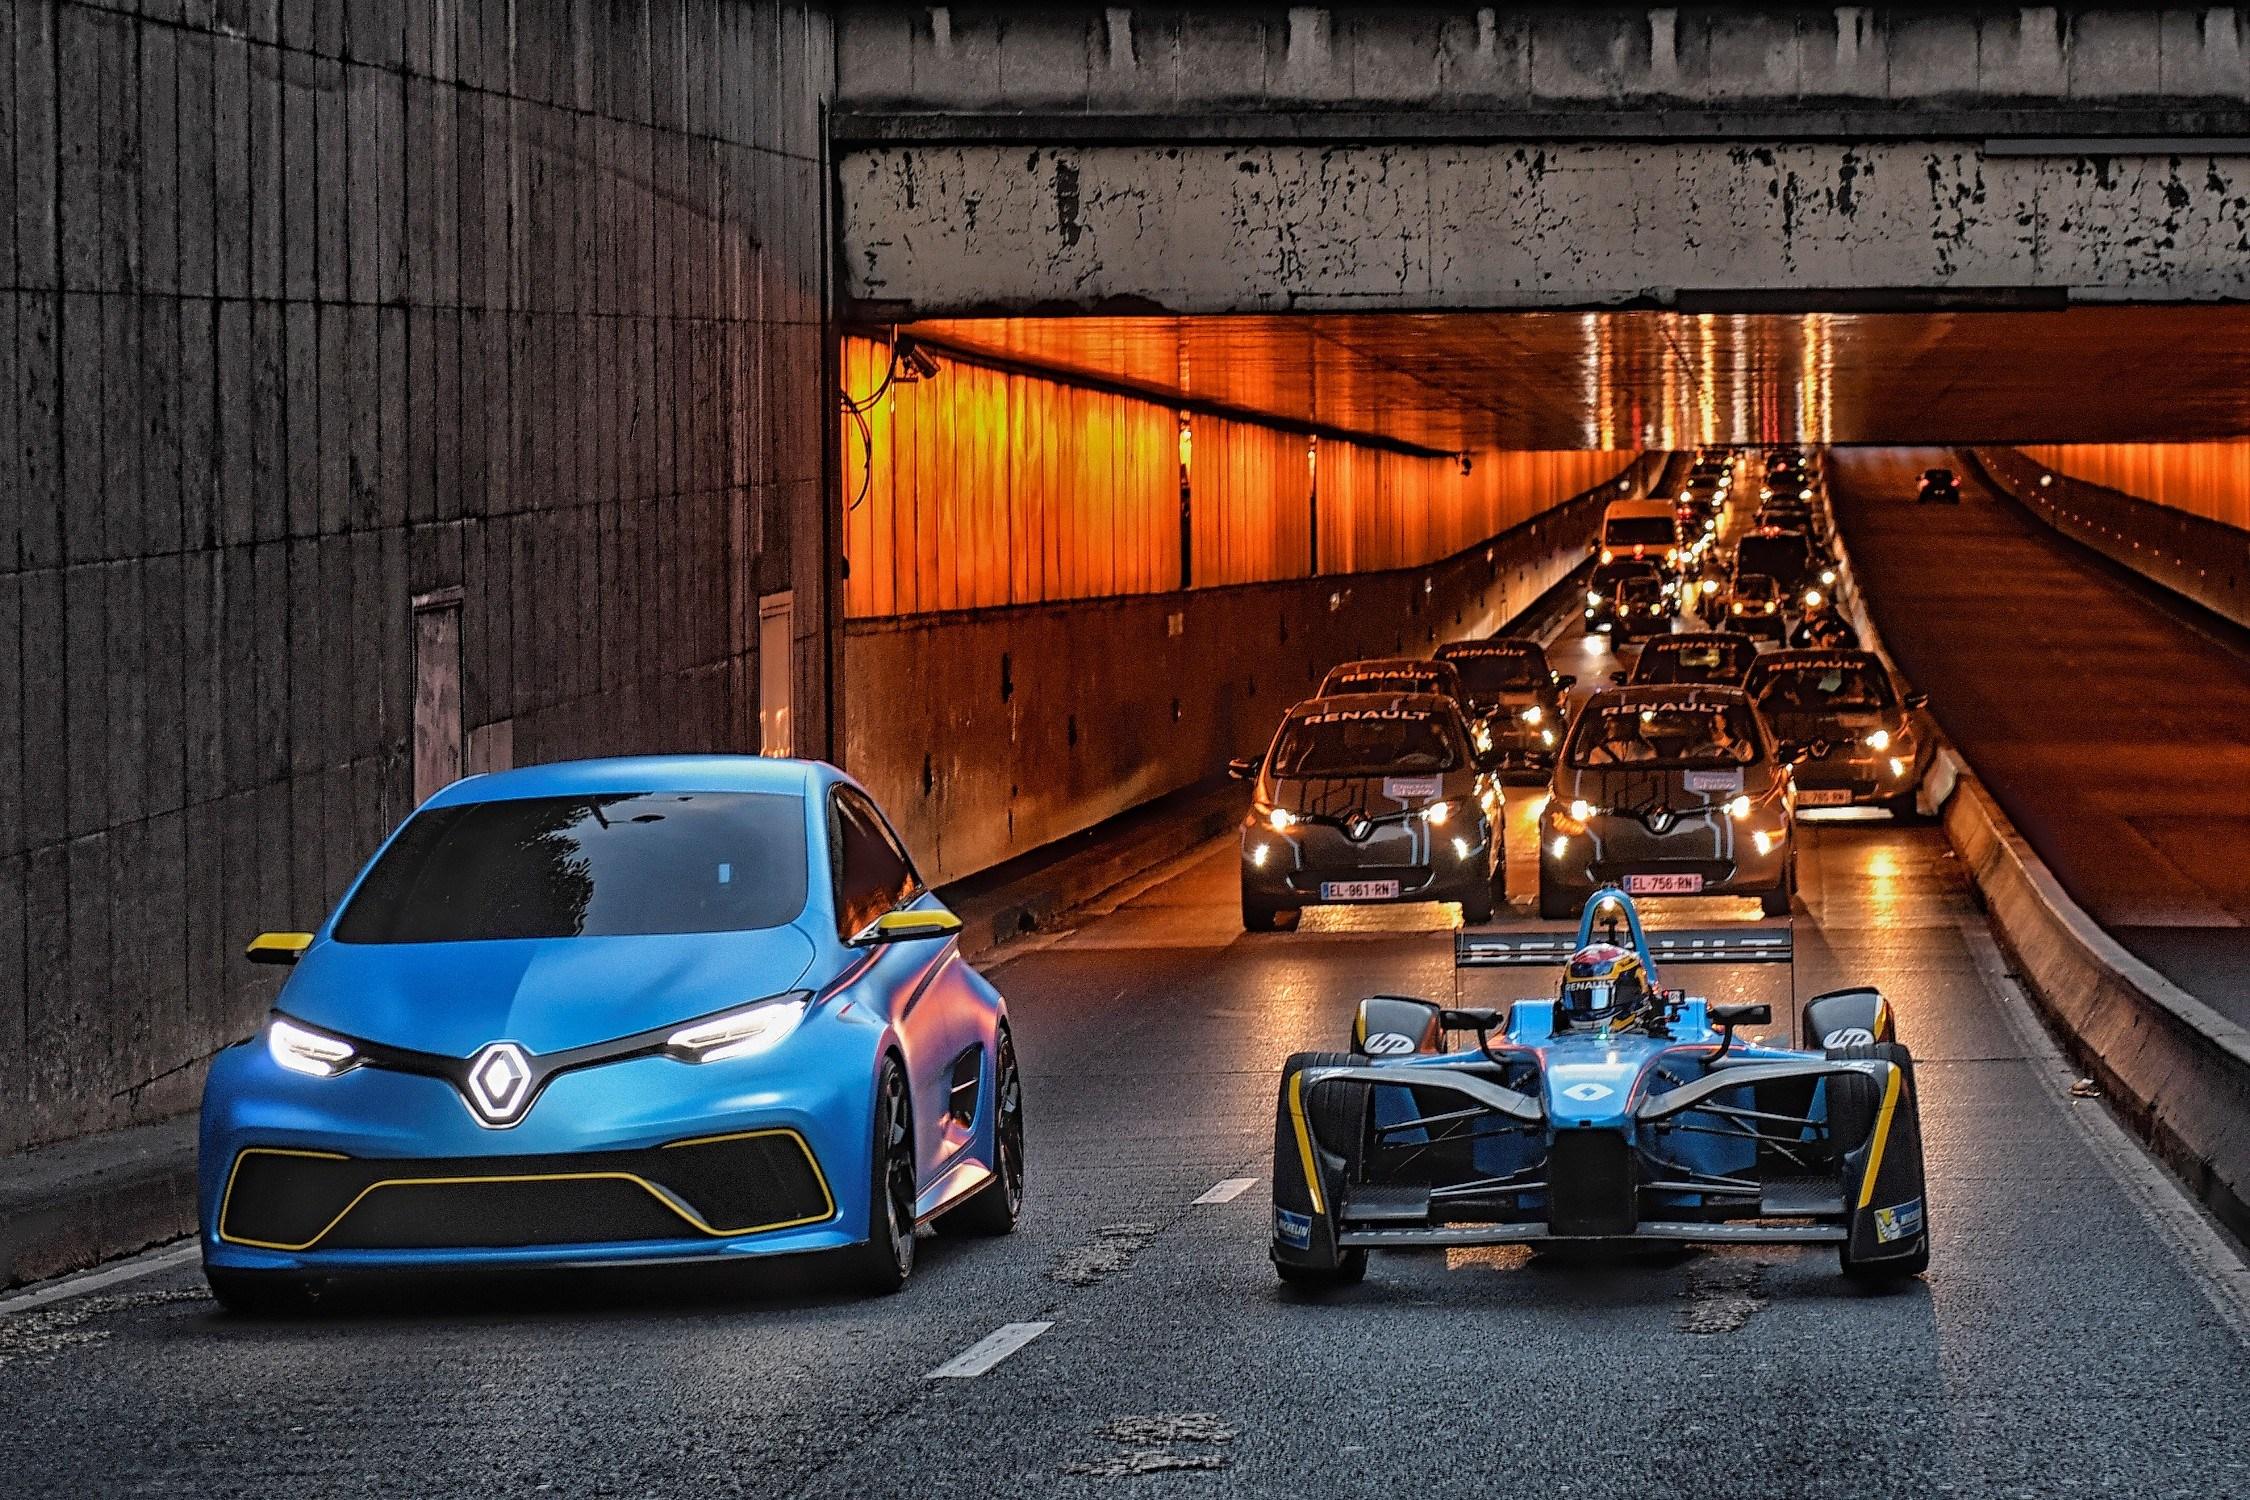 Η Renault επενδύει στα ηλεκτρικά επιβατικά και επαγγελματικά οχήματα